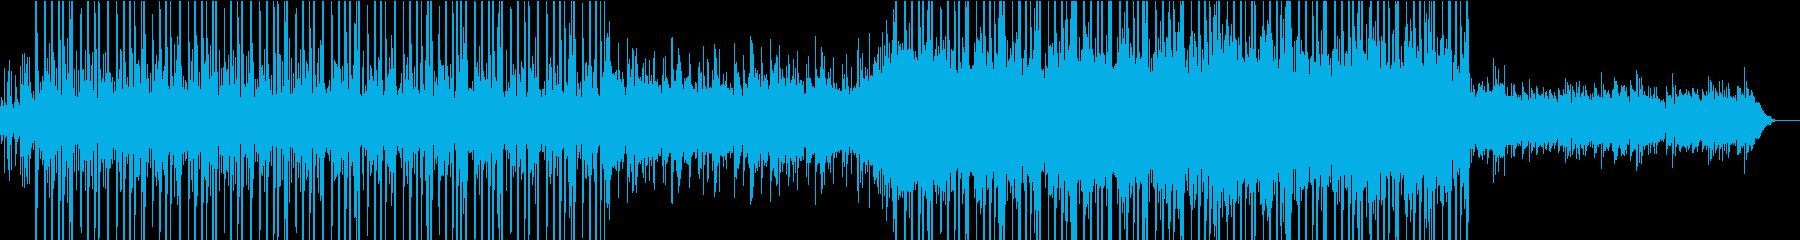 AppleのCMに使われていそうな曲の再生済みの波形